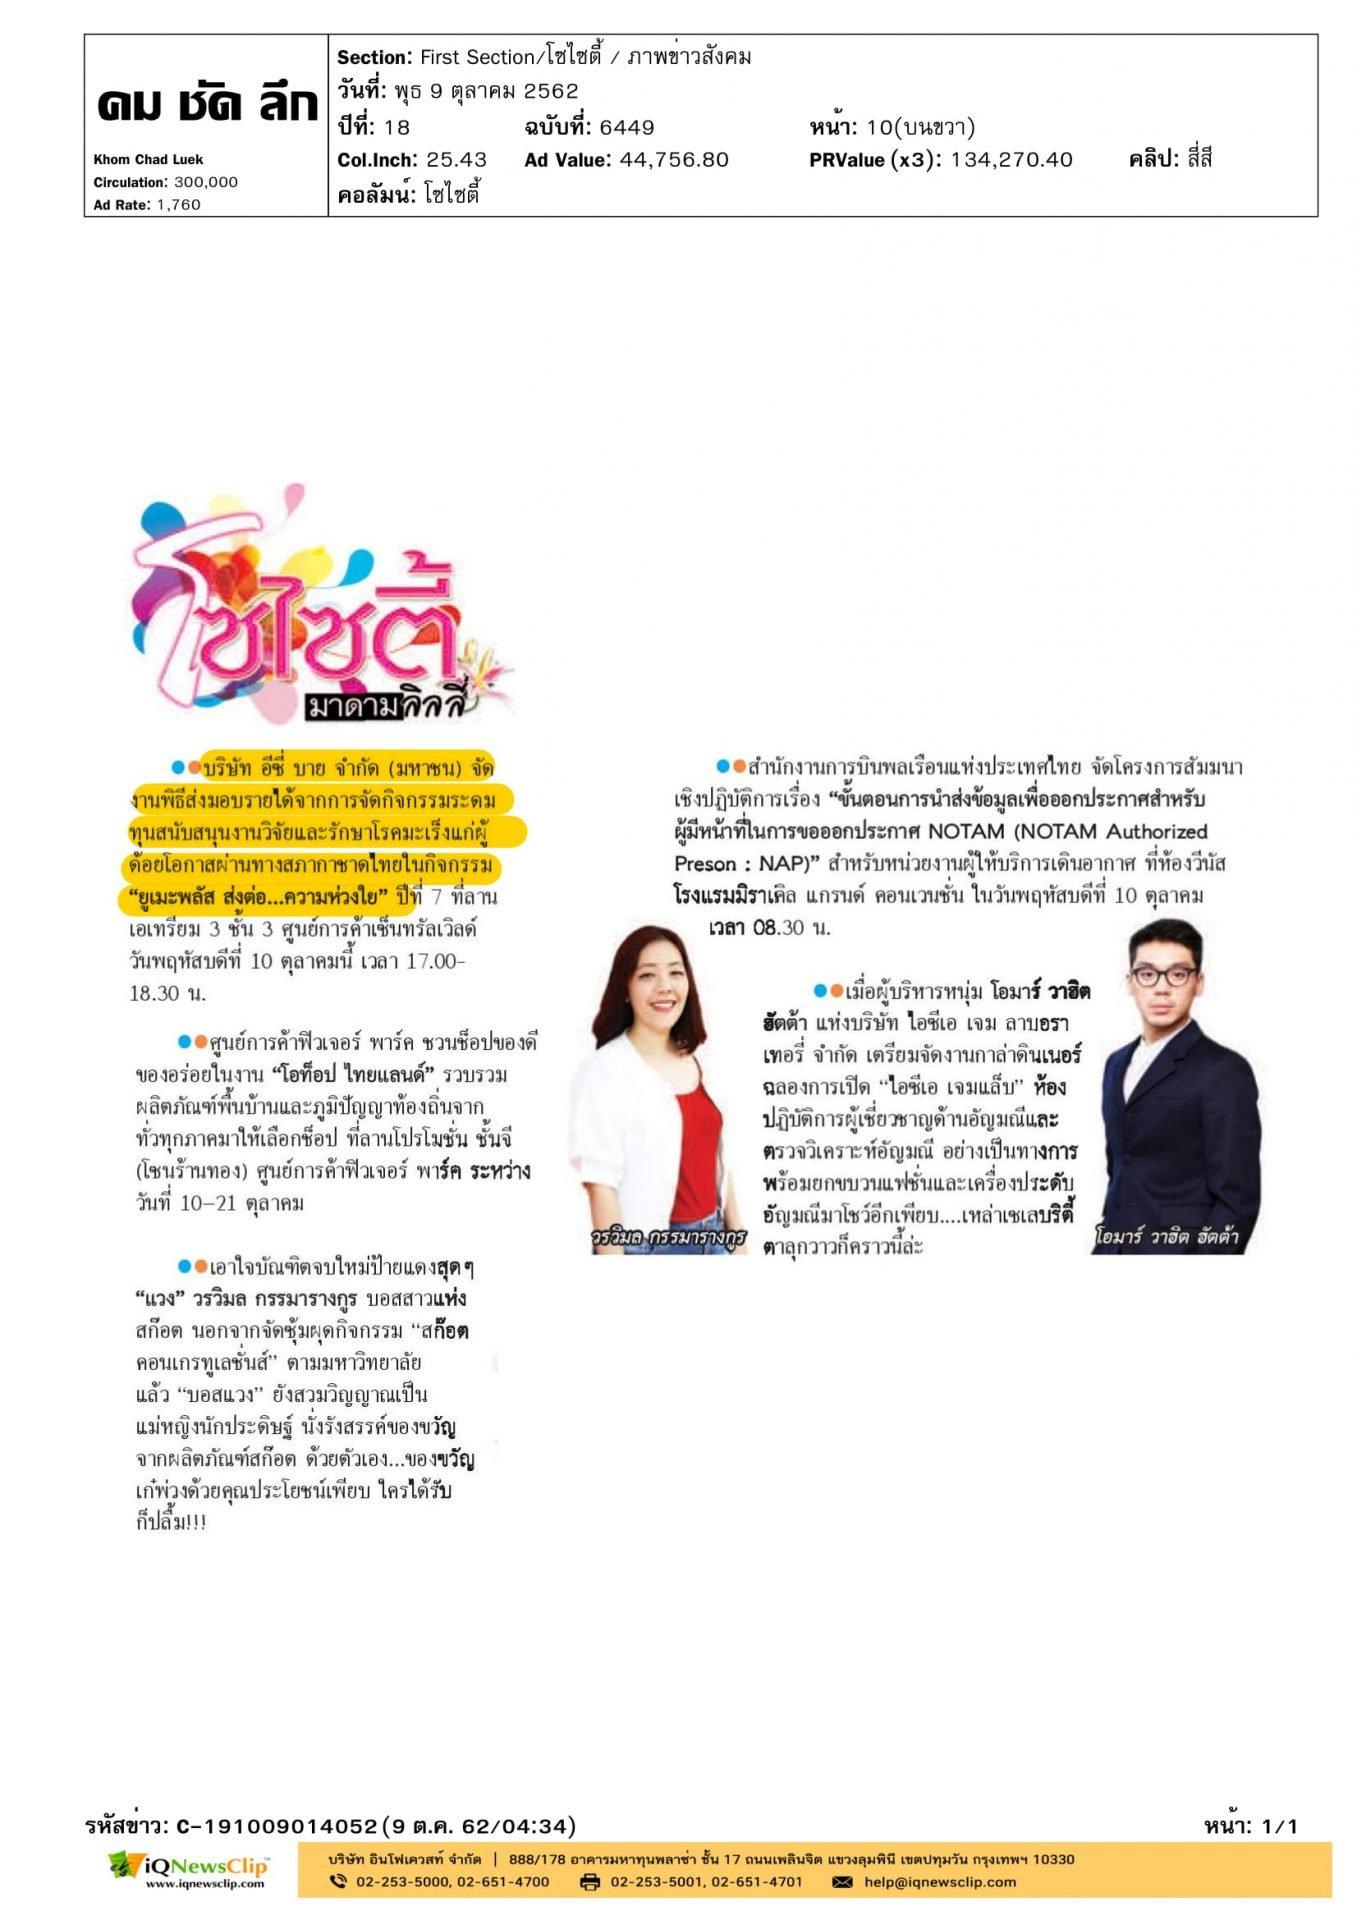 """""""ยูเมะพลัส ส่งต่อ…ความห่วงใย"""" ให้แก่สภากาชาดไทย"""